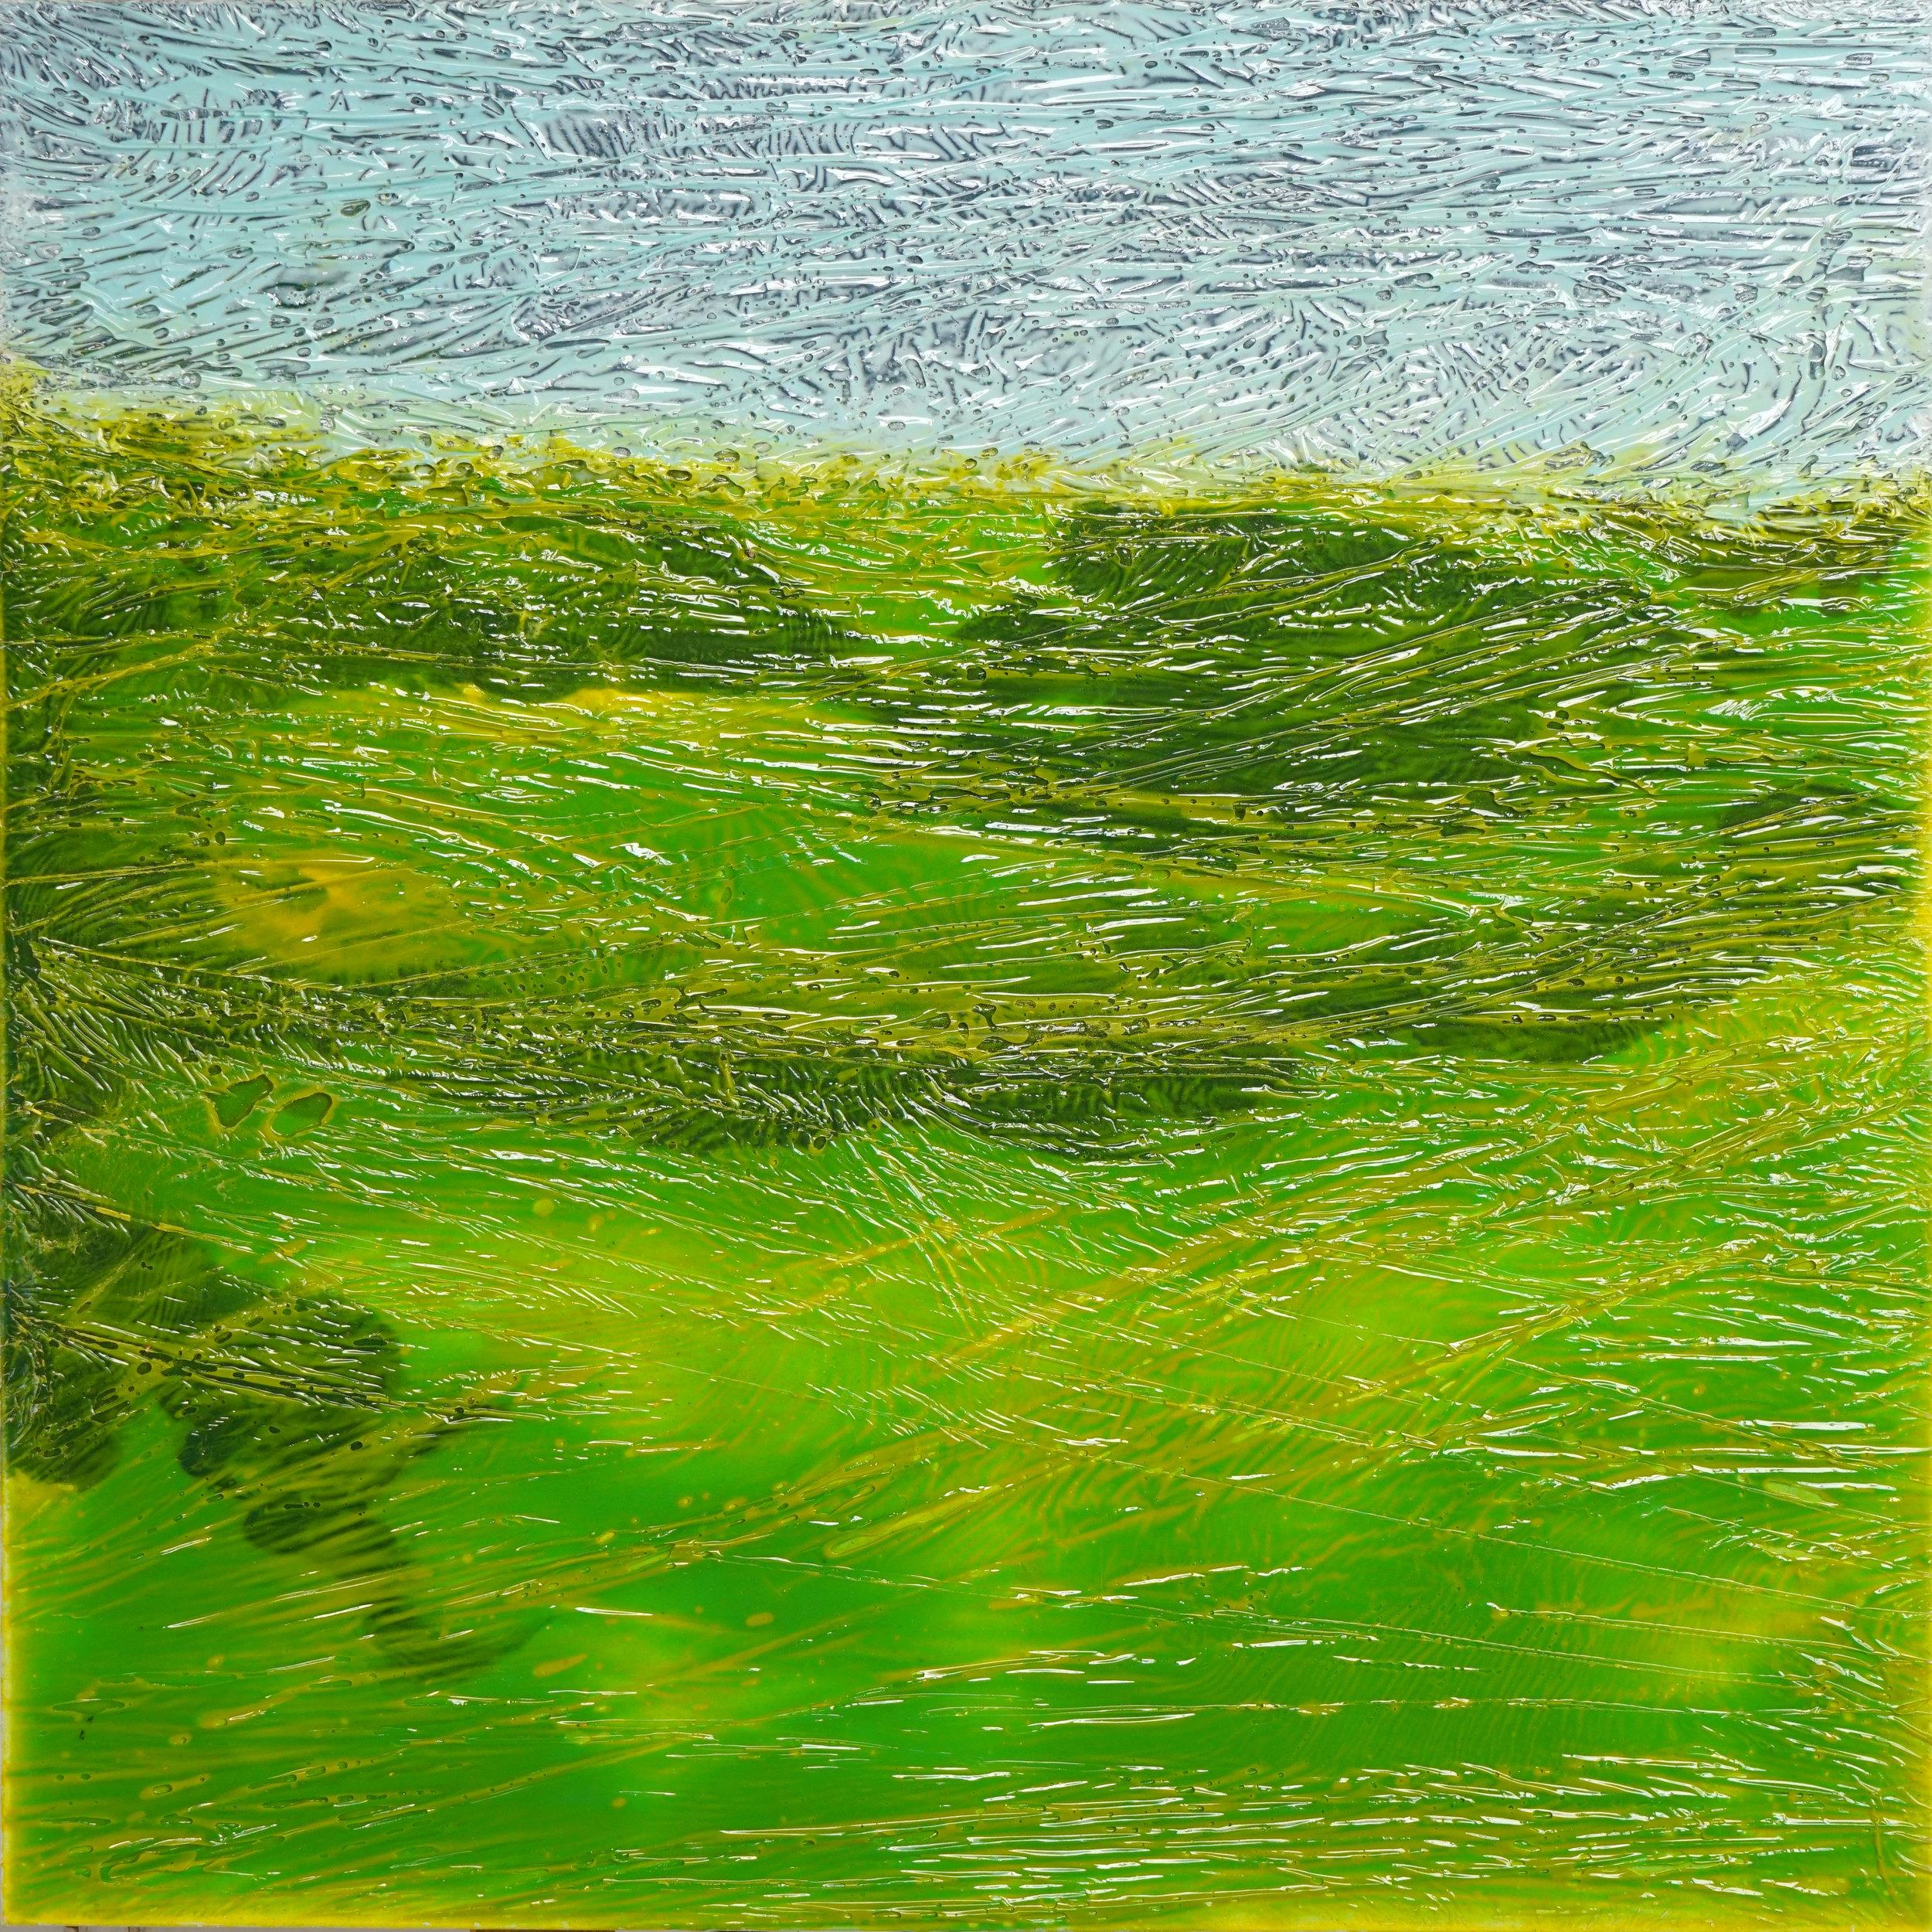 FREYDENBERG.V Синтетический пейзаж №7. 2017. Xолст, полимерная смола. 70х700